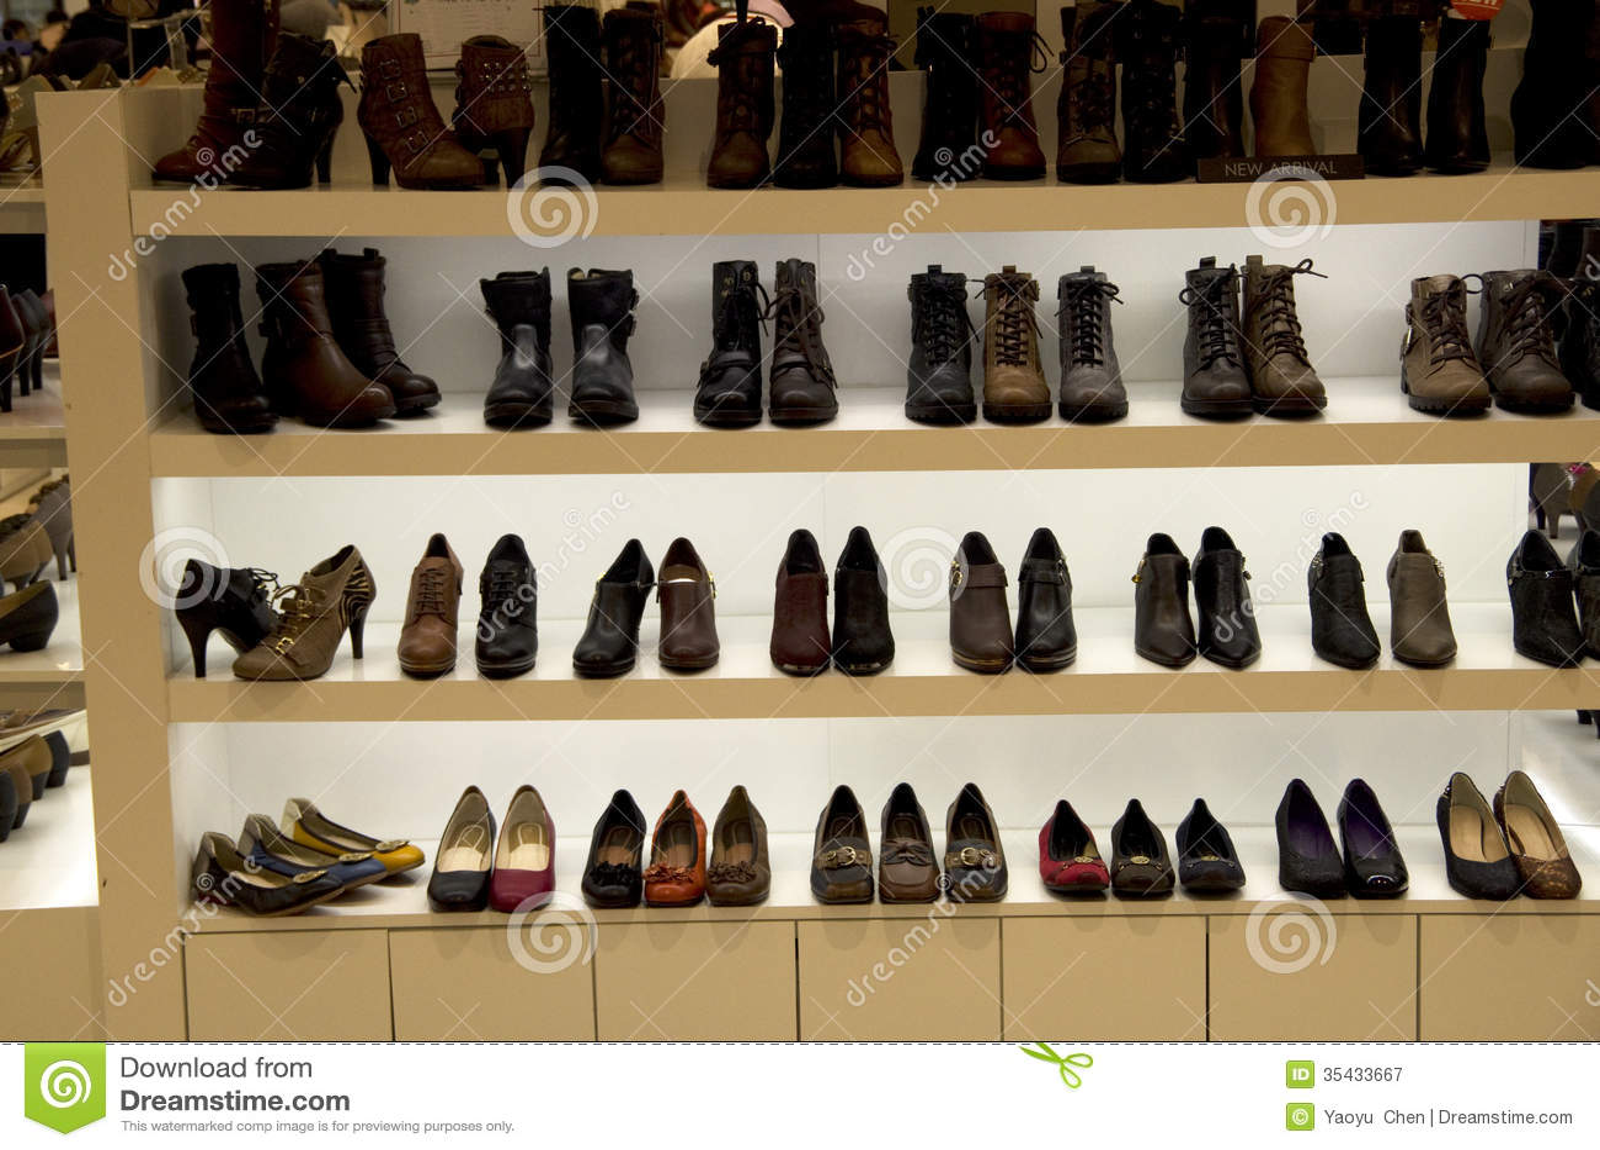 Schone Schuhe Im Kaufhaus Stockbild Bild Von Organisiert 35433667